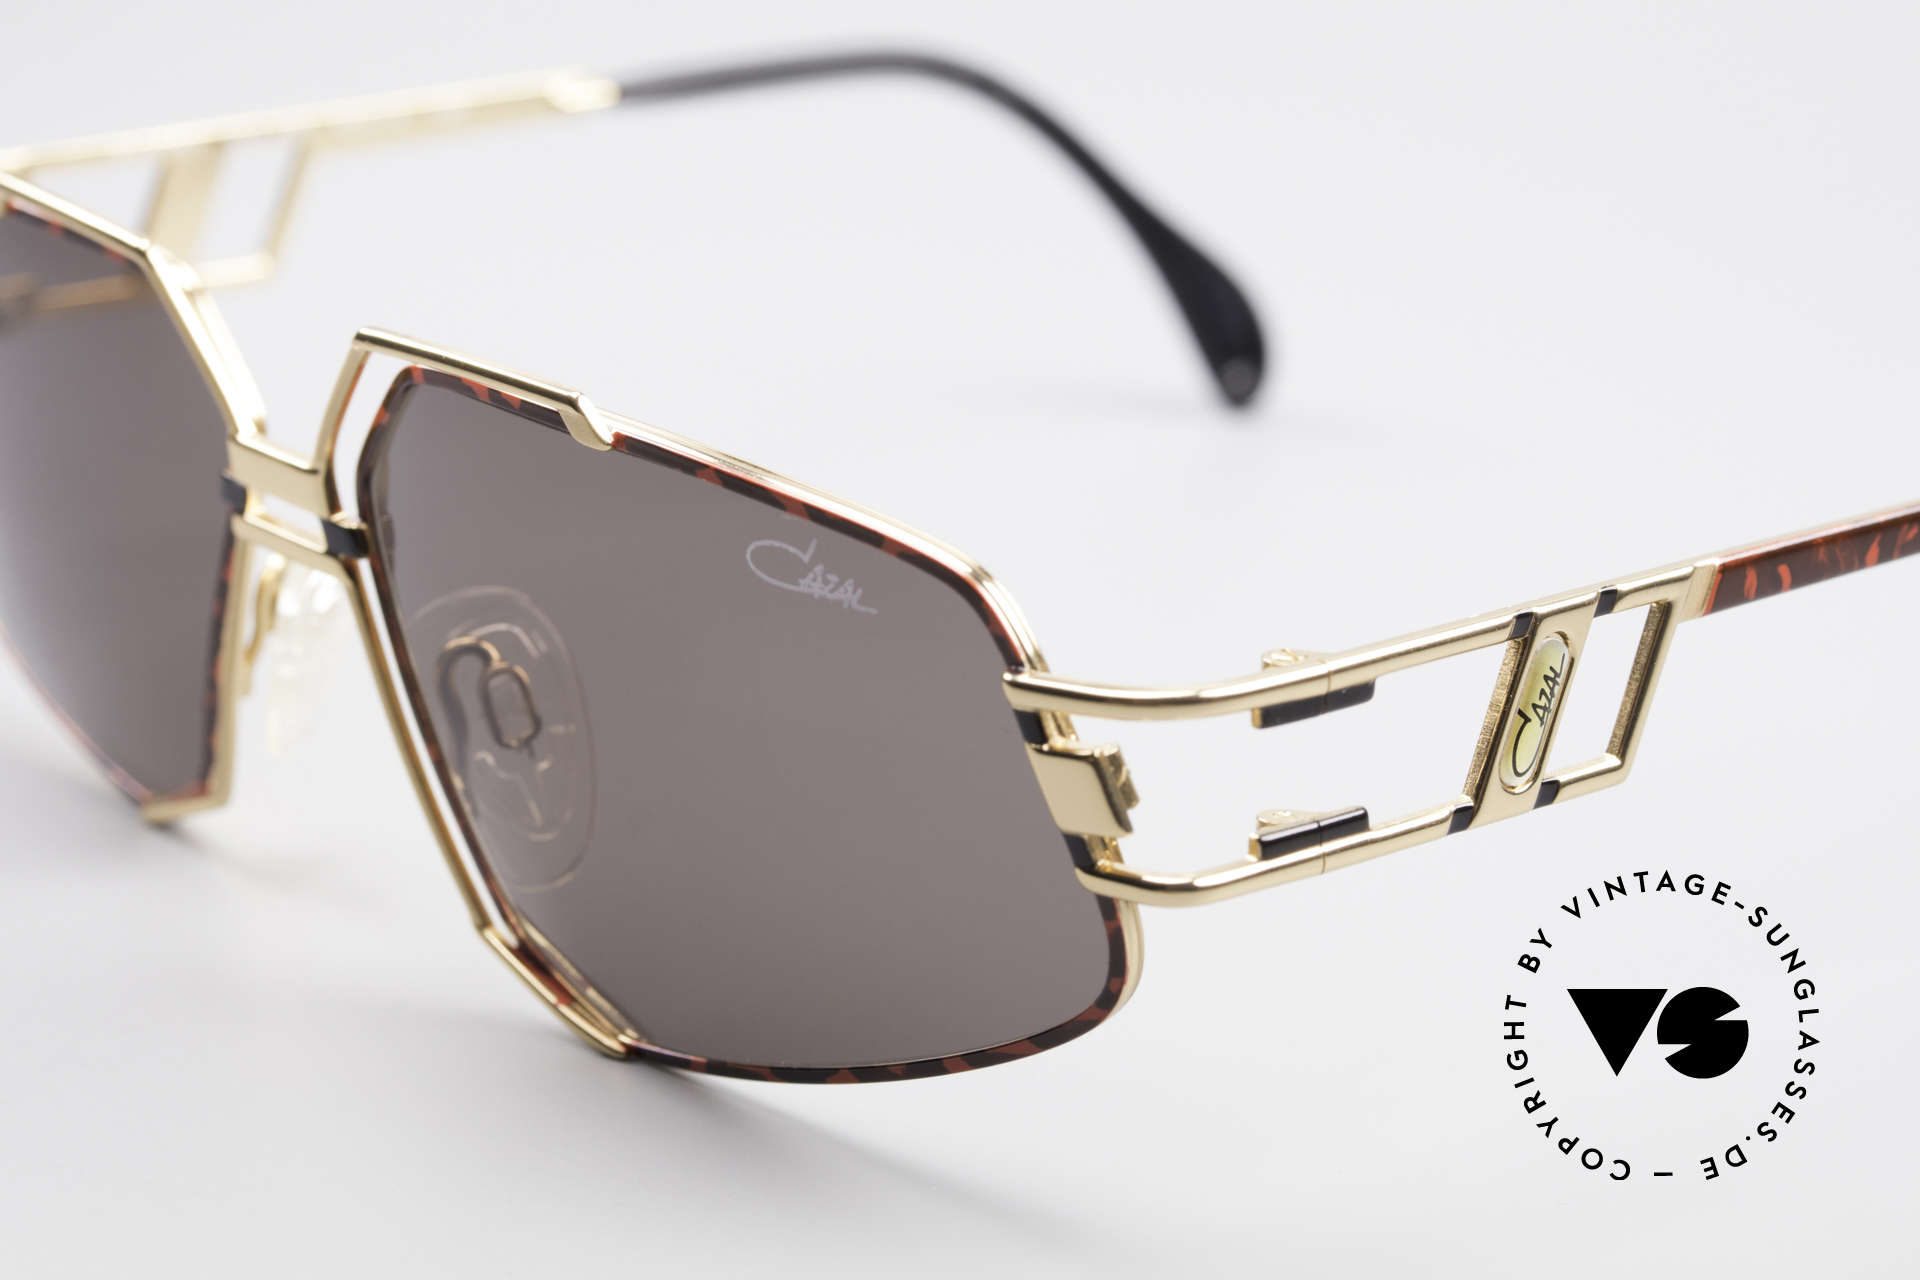 Cazal 961 Designer Vintage Sonnenbrille, damals wie heute ein begehrtes Hip-Hop-Accessoire, Passend für Herren und Damen